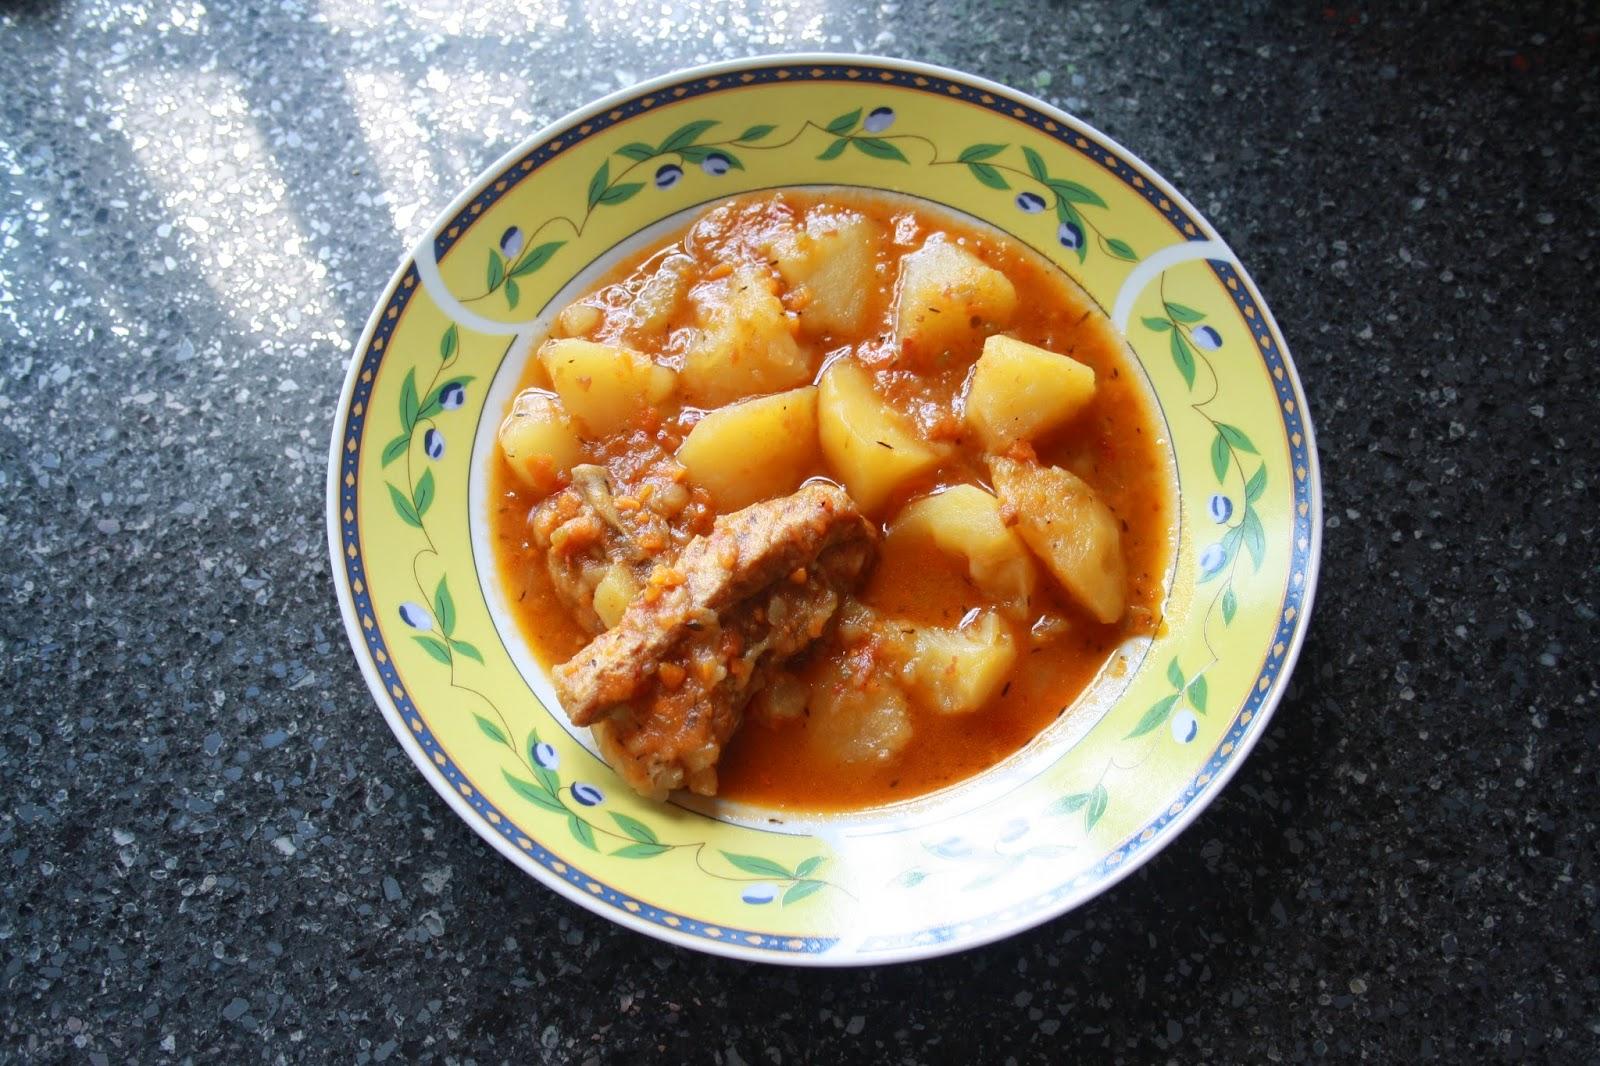 Con olla de barro costilla de cerdo con patatas - Patatas con costillas de cerdo ...